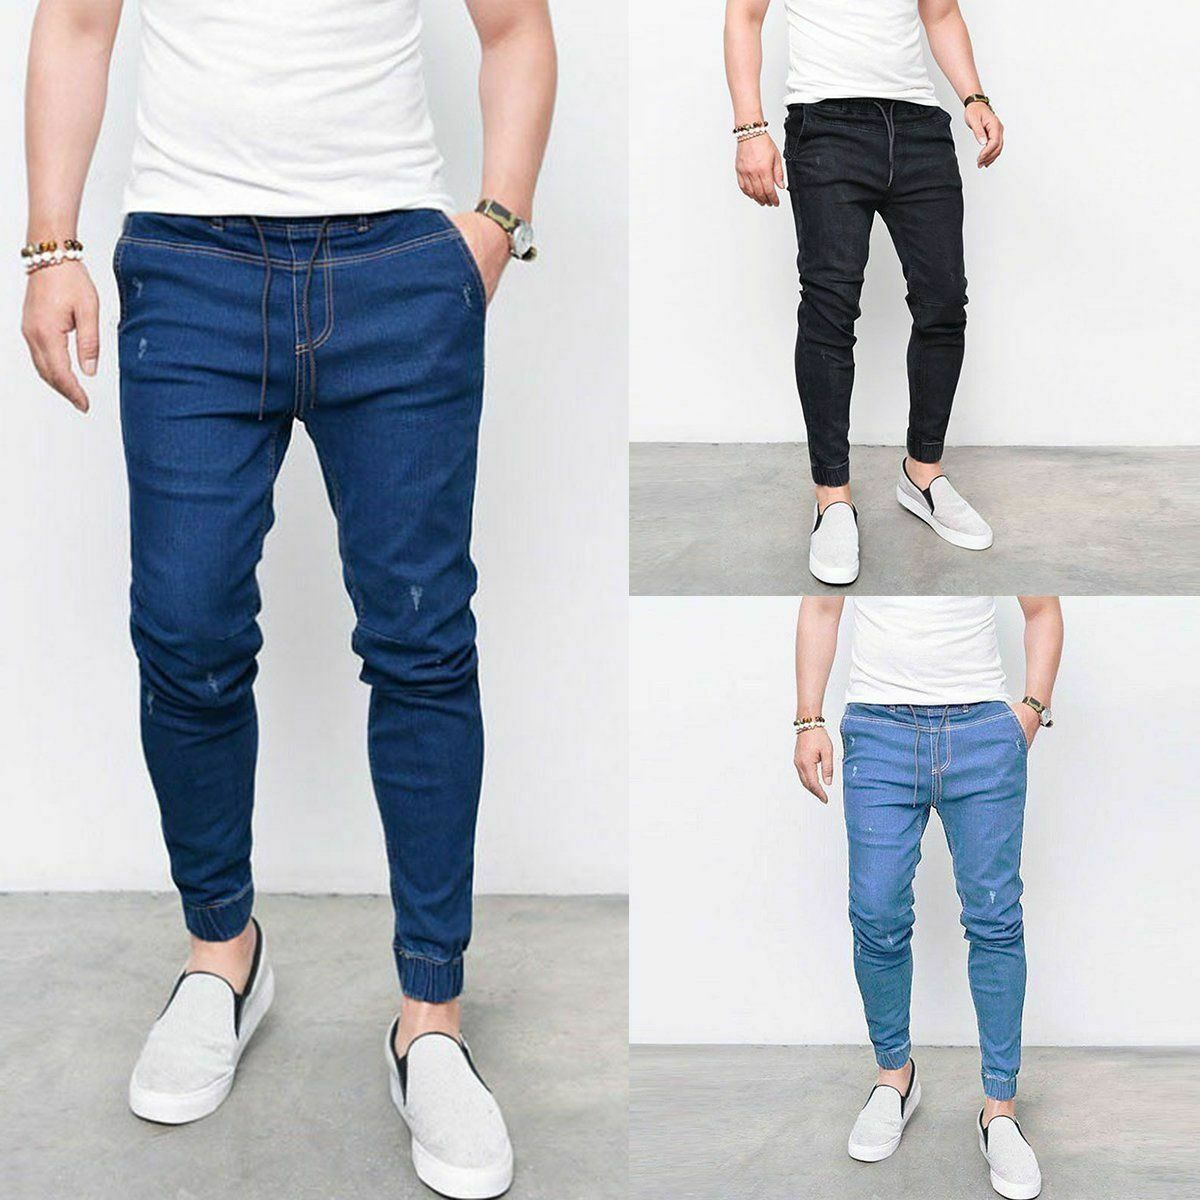 Самые дешевые джинсы, рабочие брюки, узкие джинсы, облегающие рваные джинсы, большие и высокие эластичные синие джинсы для мужчин, потертые ...